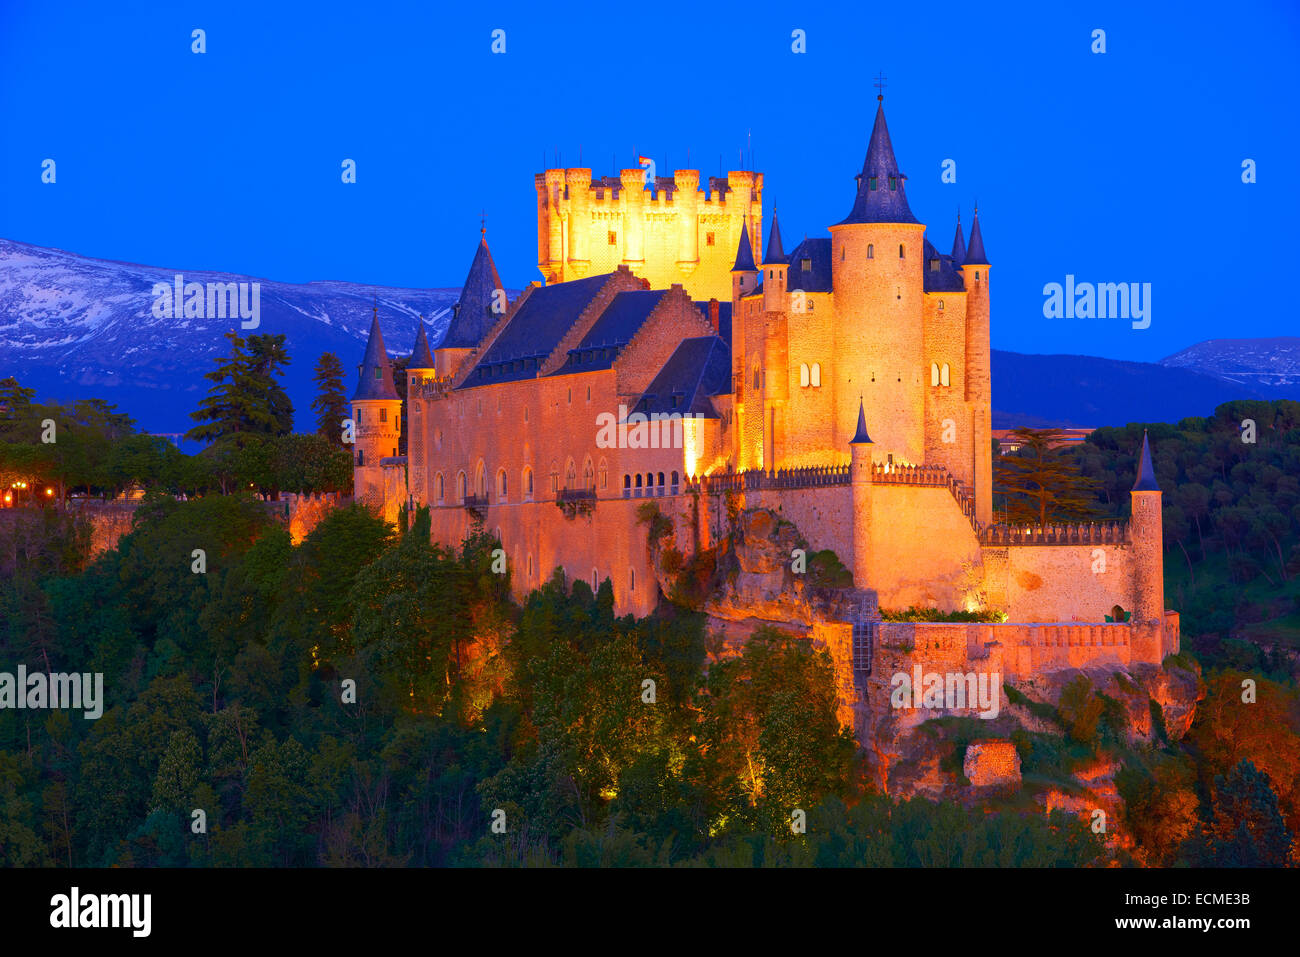 Alcazar at dusk, Segovia, Region of Castile and León, Spain - Stock Image